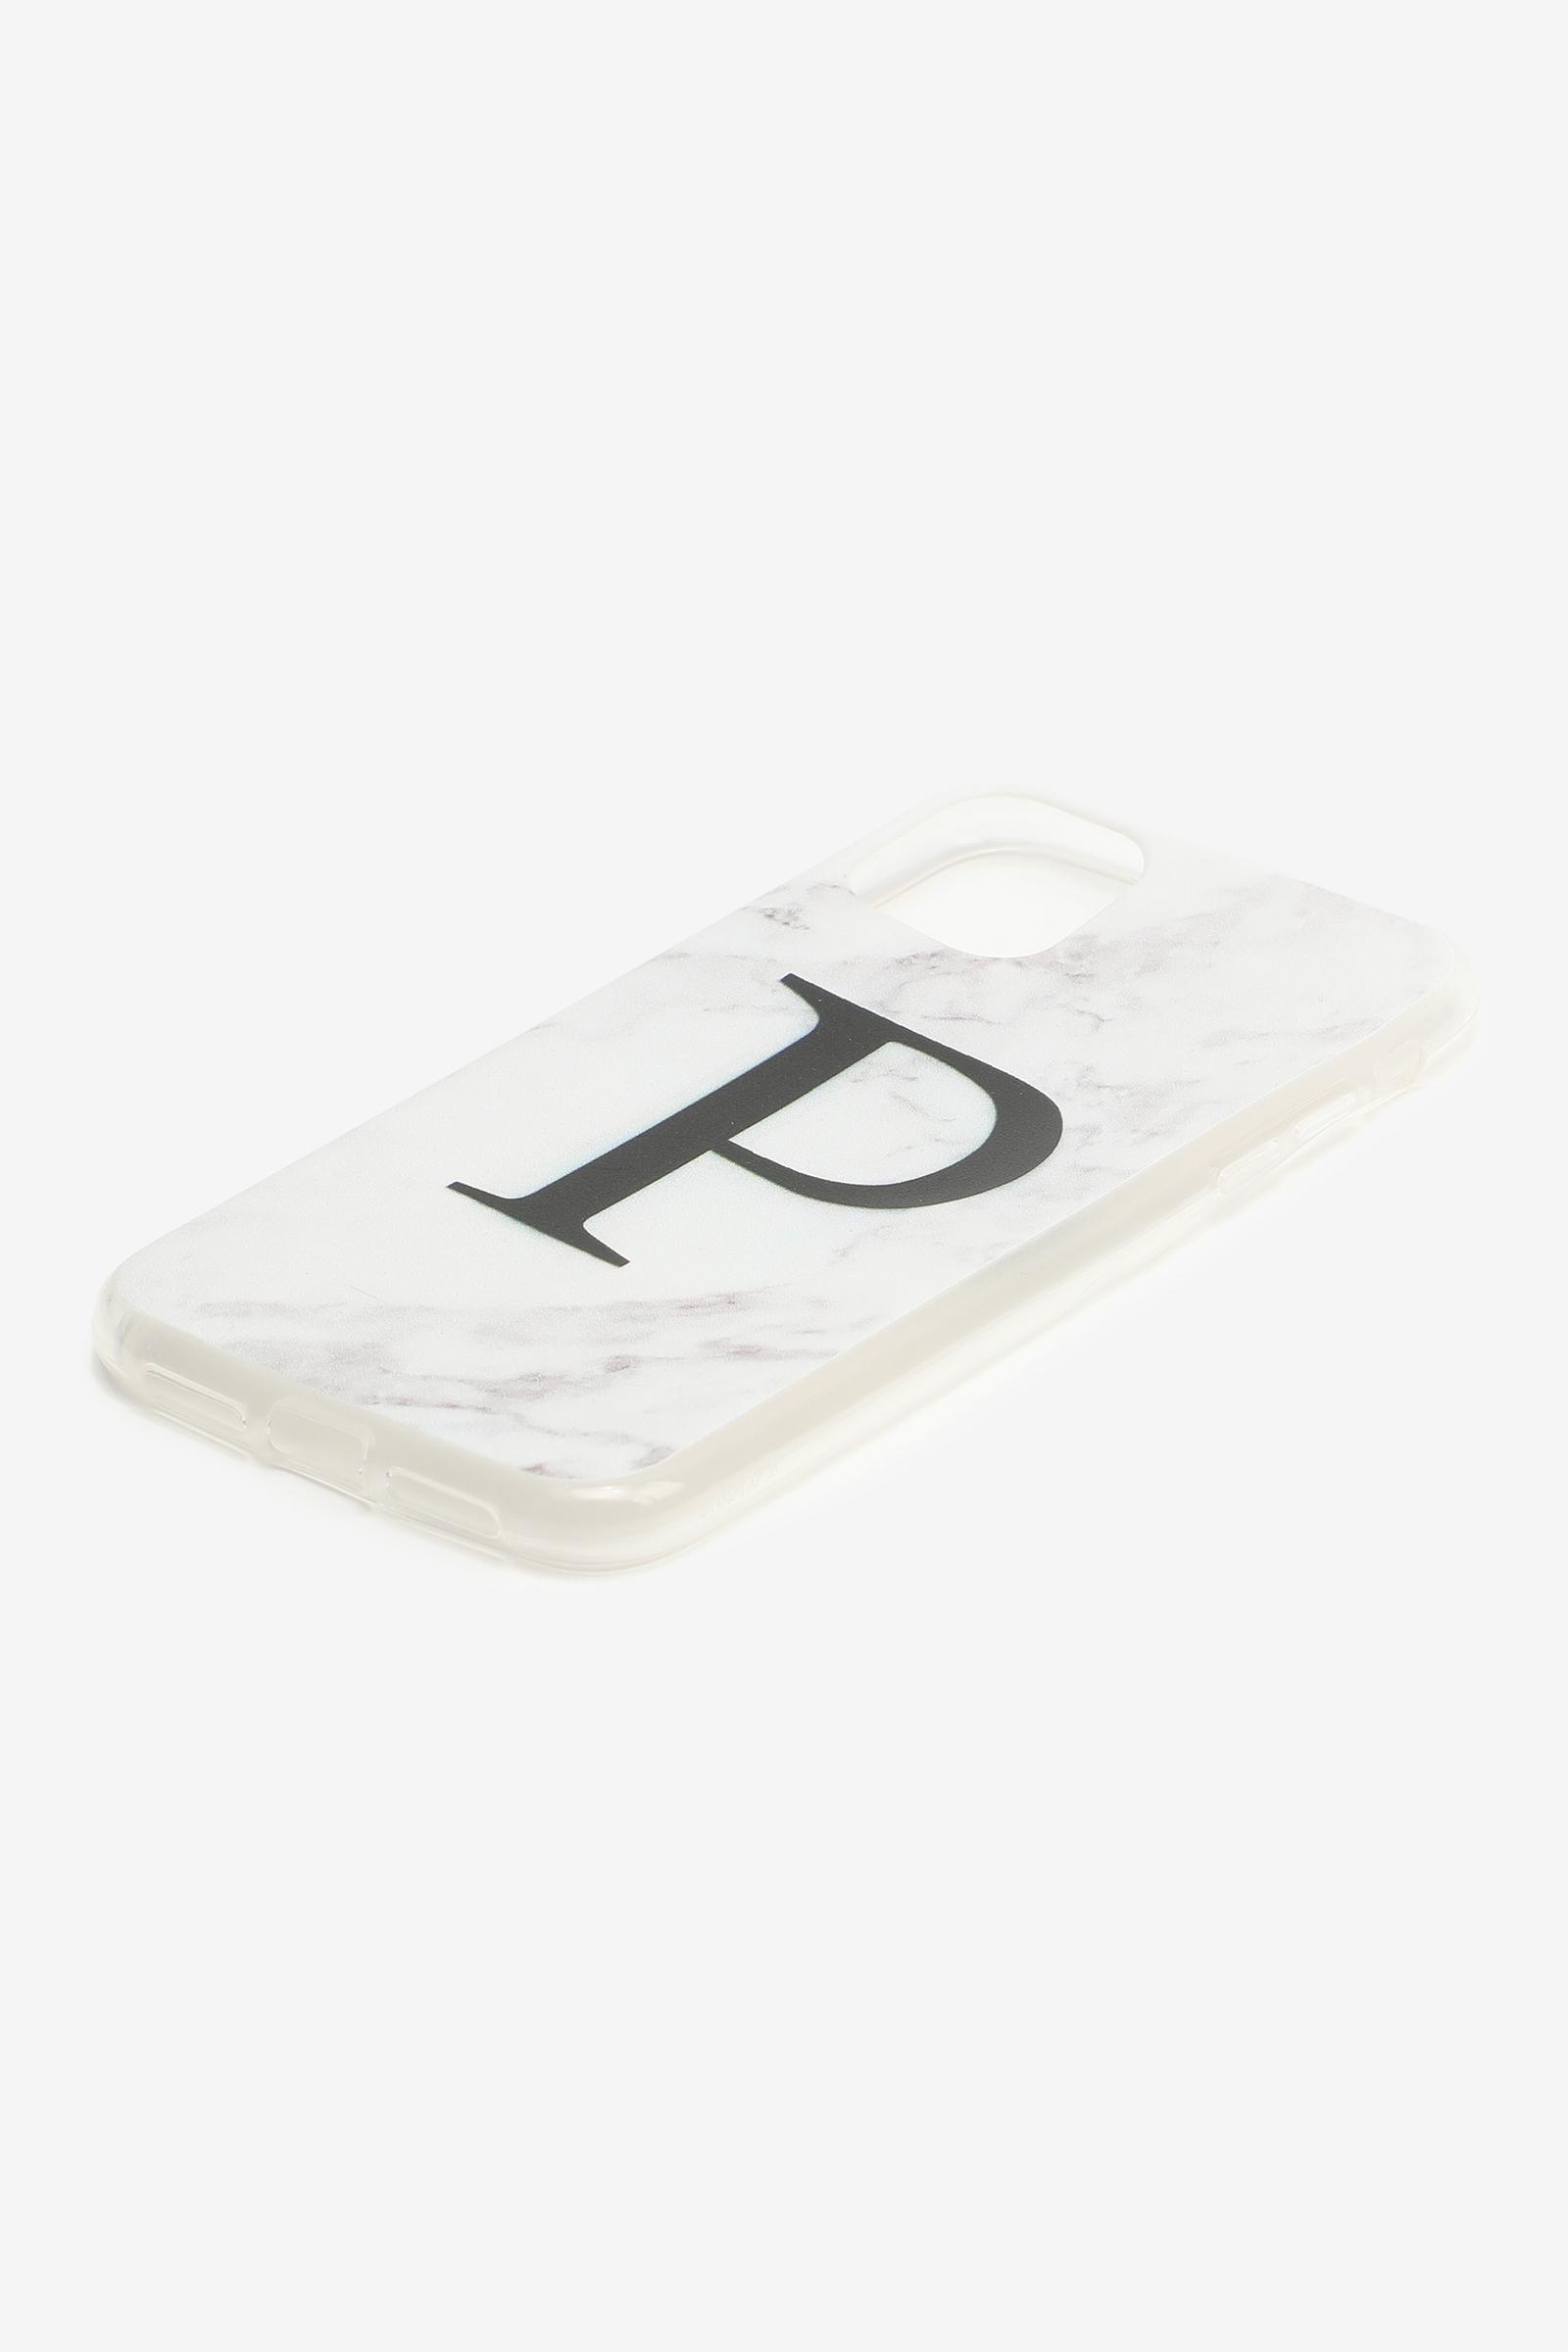 Letter V iPhone 11 Case